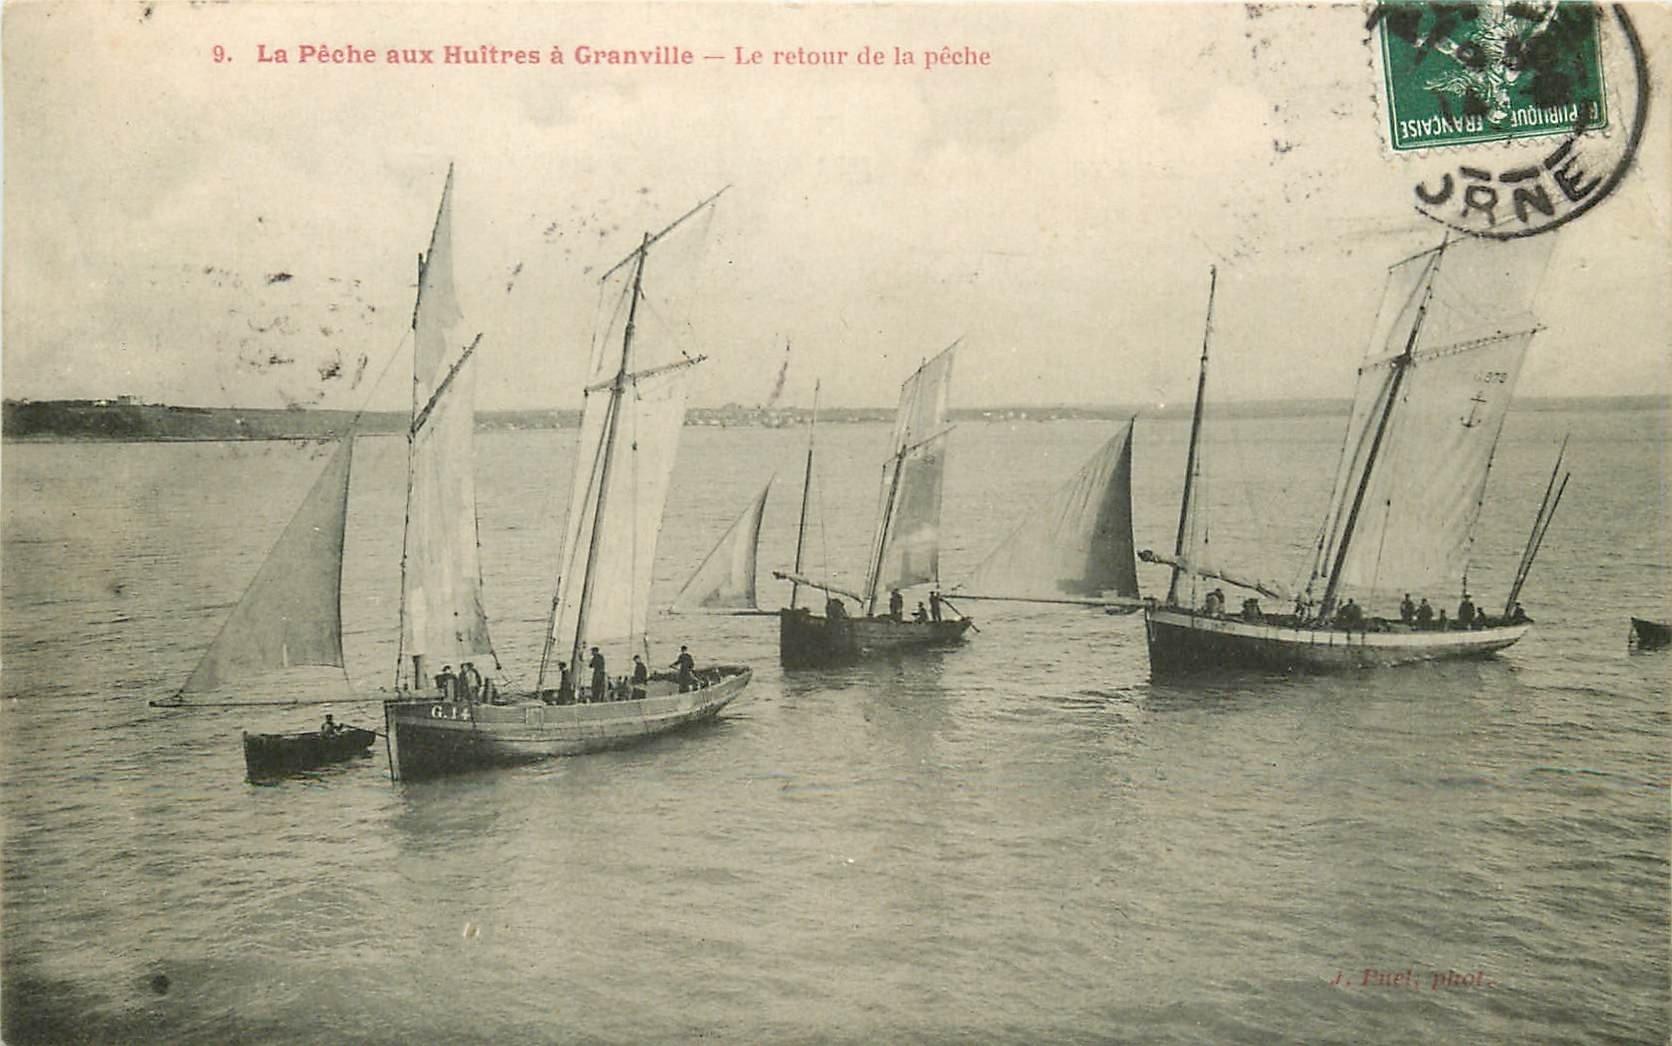 50 GRANVILLE. Le Retour de la Pêche aux Huîtres 1908 n° 9 de la célèbre série